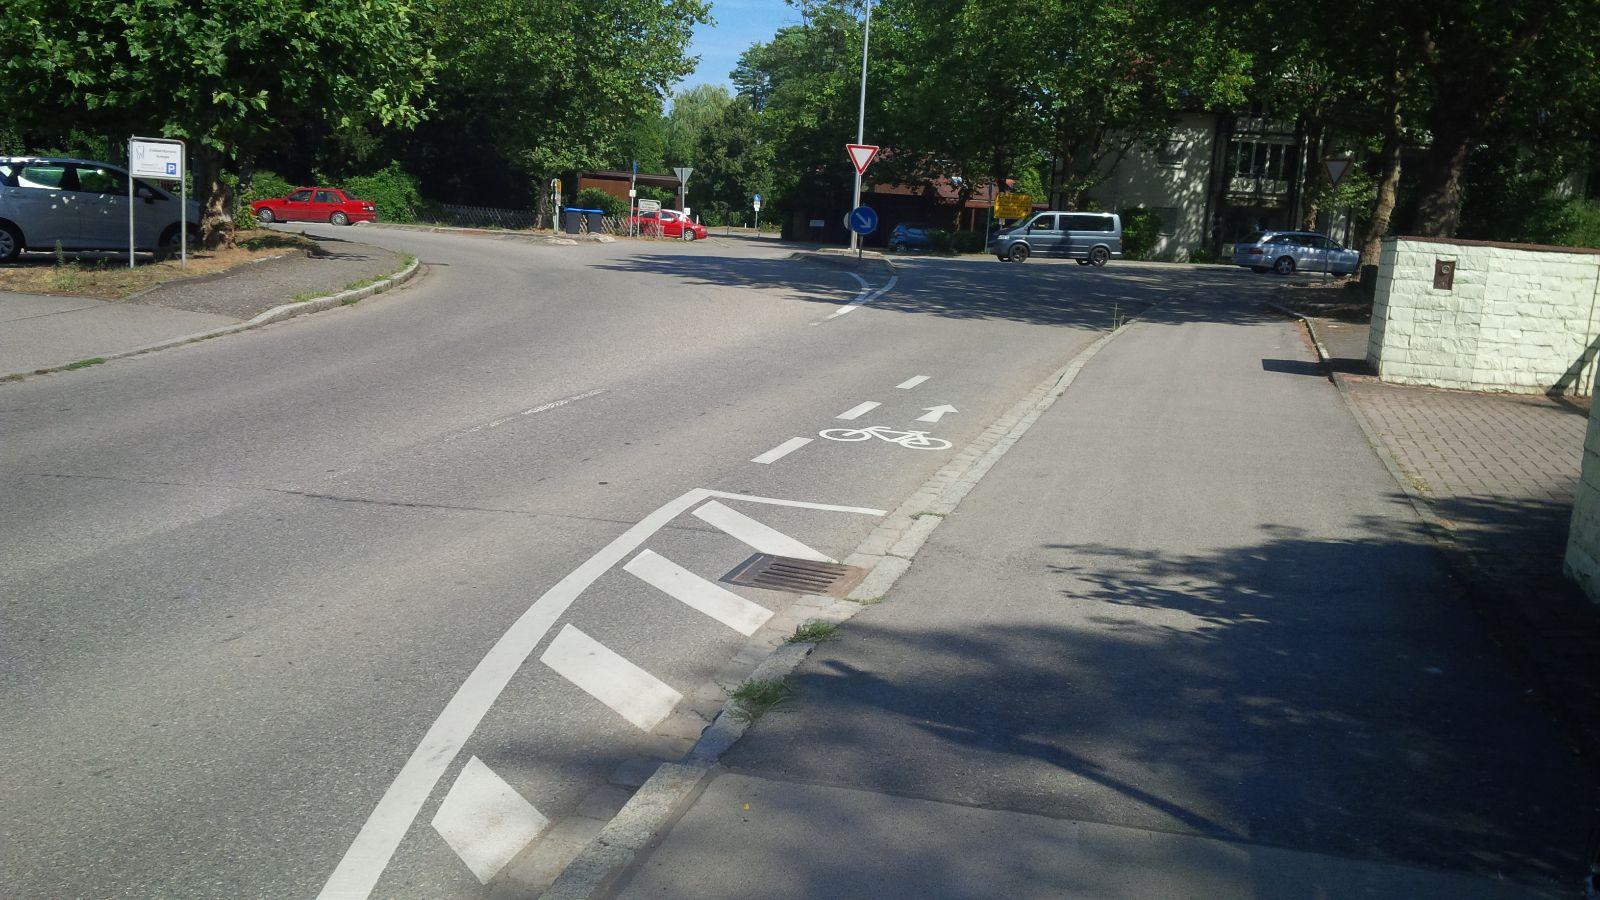 Eimeldingen Überleitung Radweg-Fahrbahn